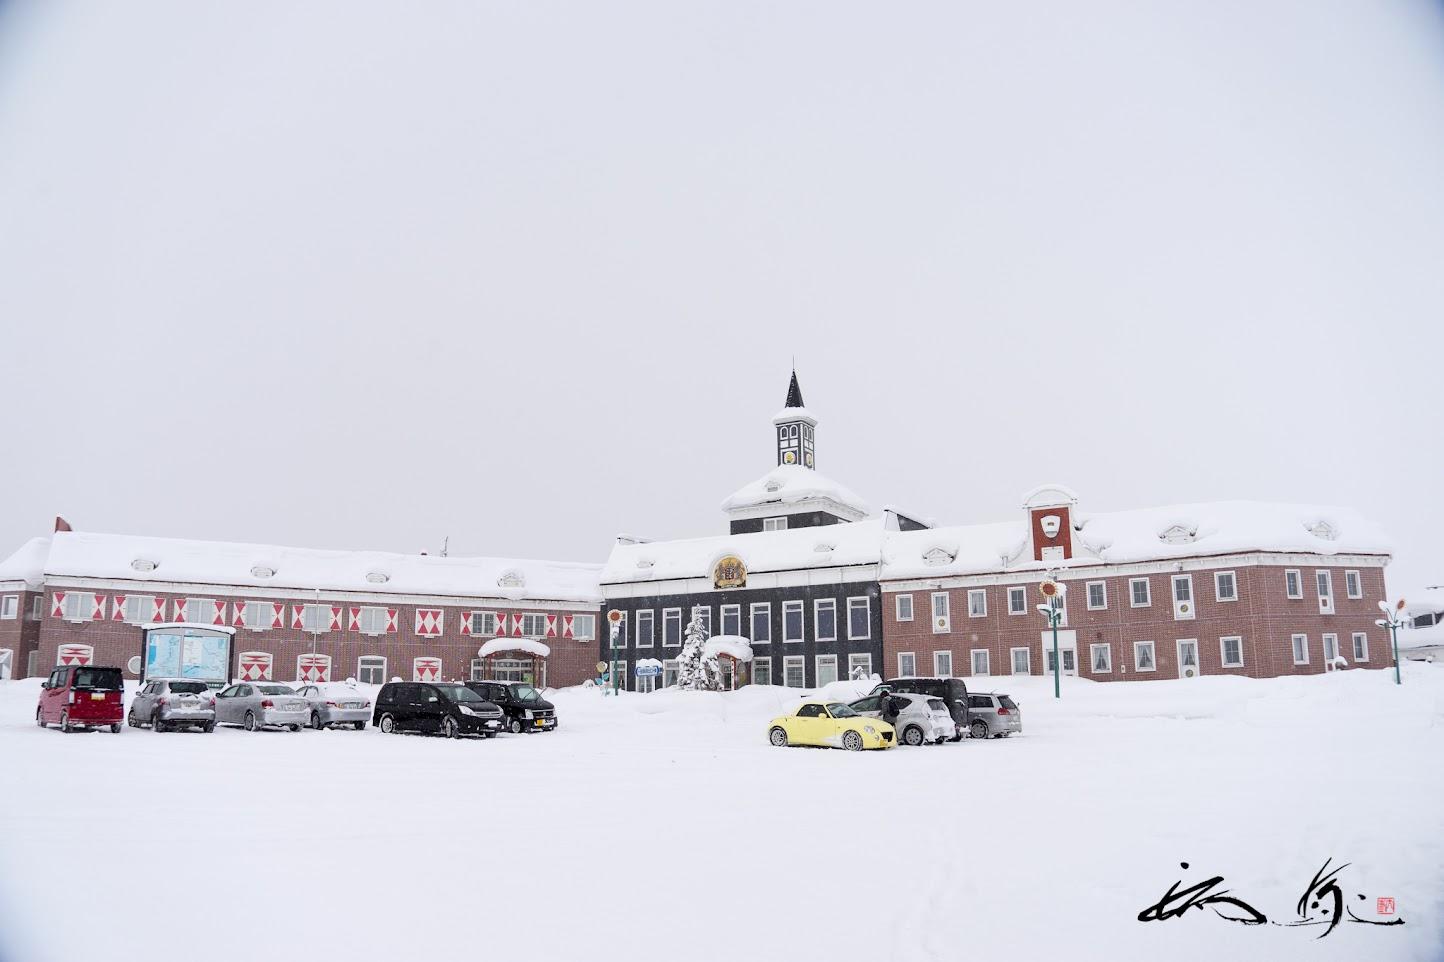 雪をかぶる北竜温泉